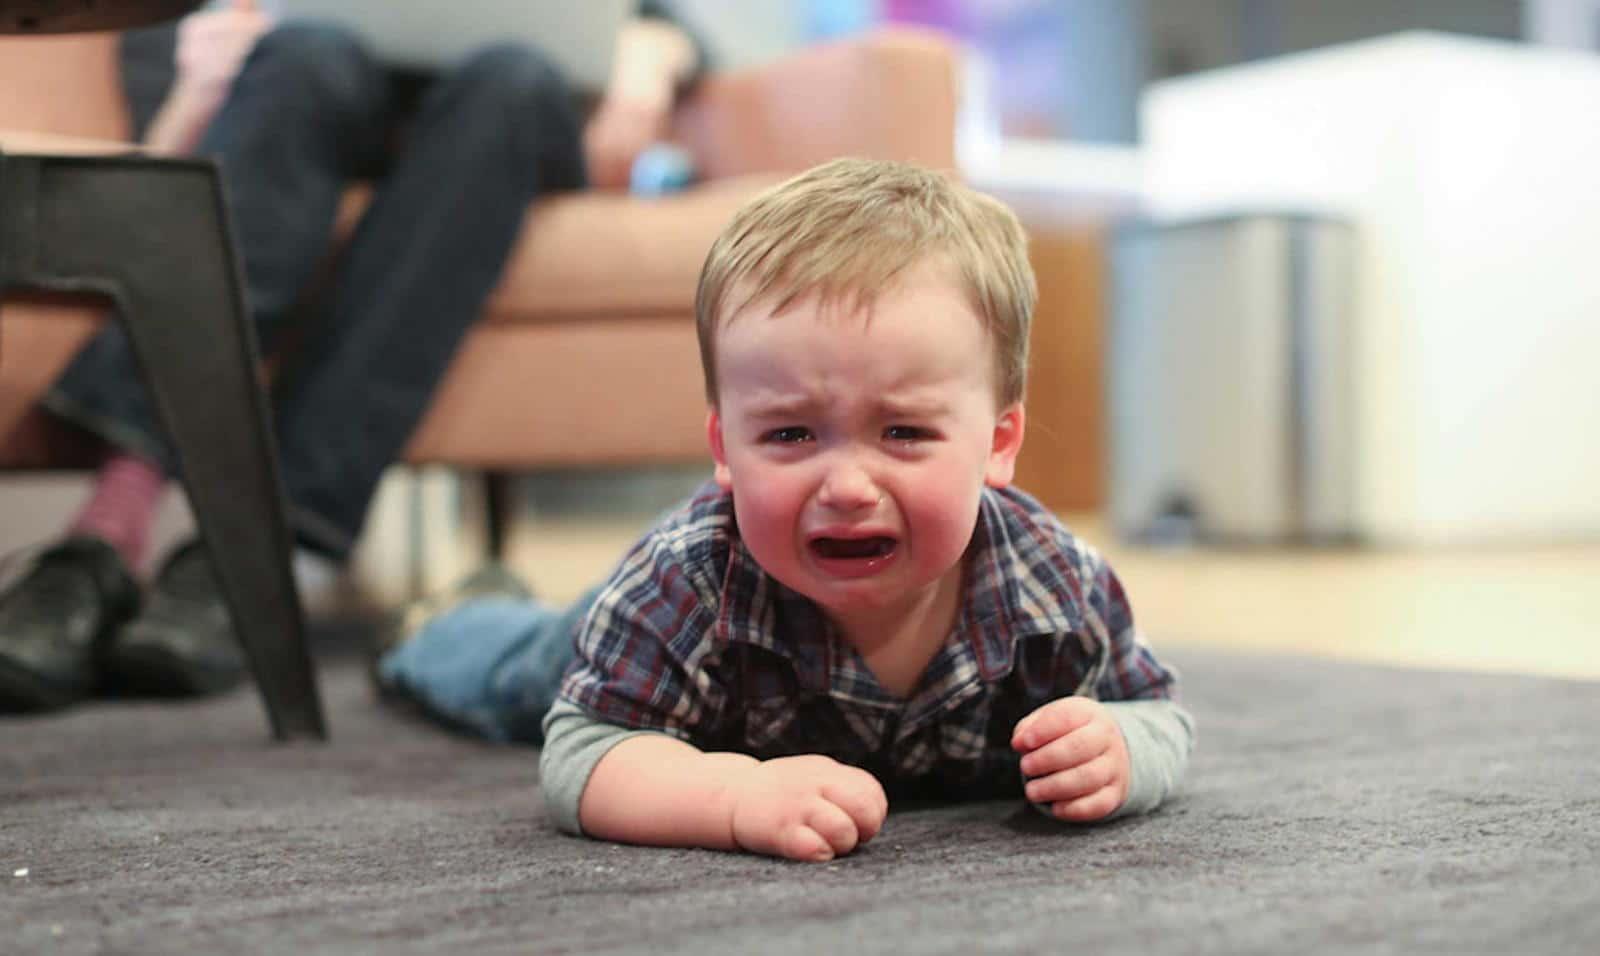 Истерика у ребёнка 2-3 лет. Что делать, как предотвратить?